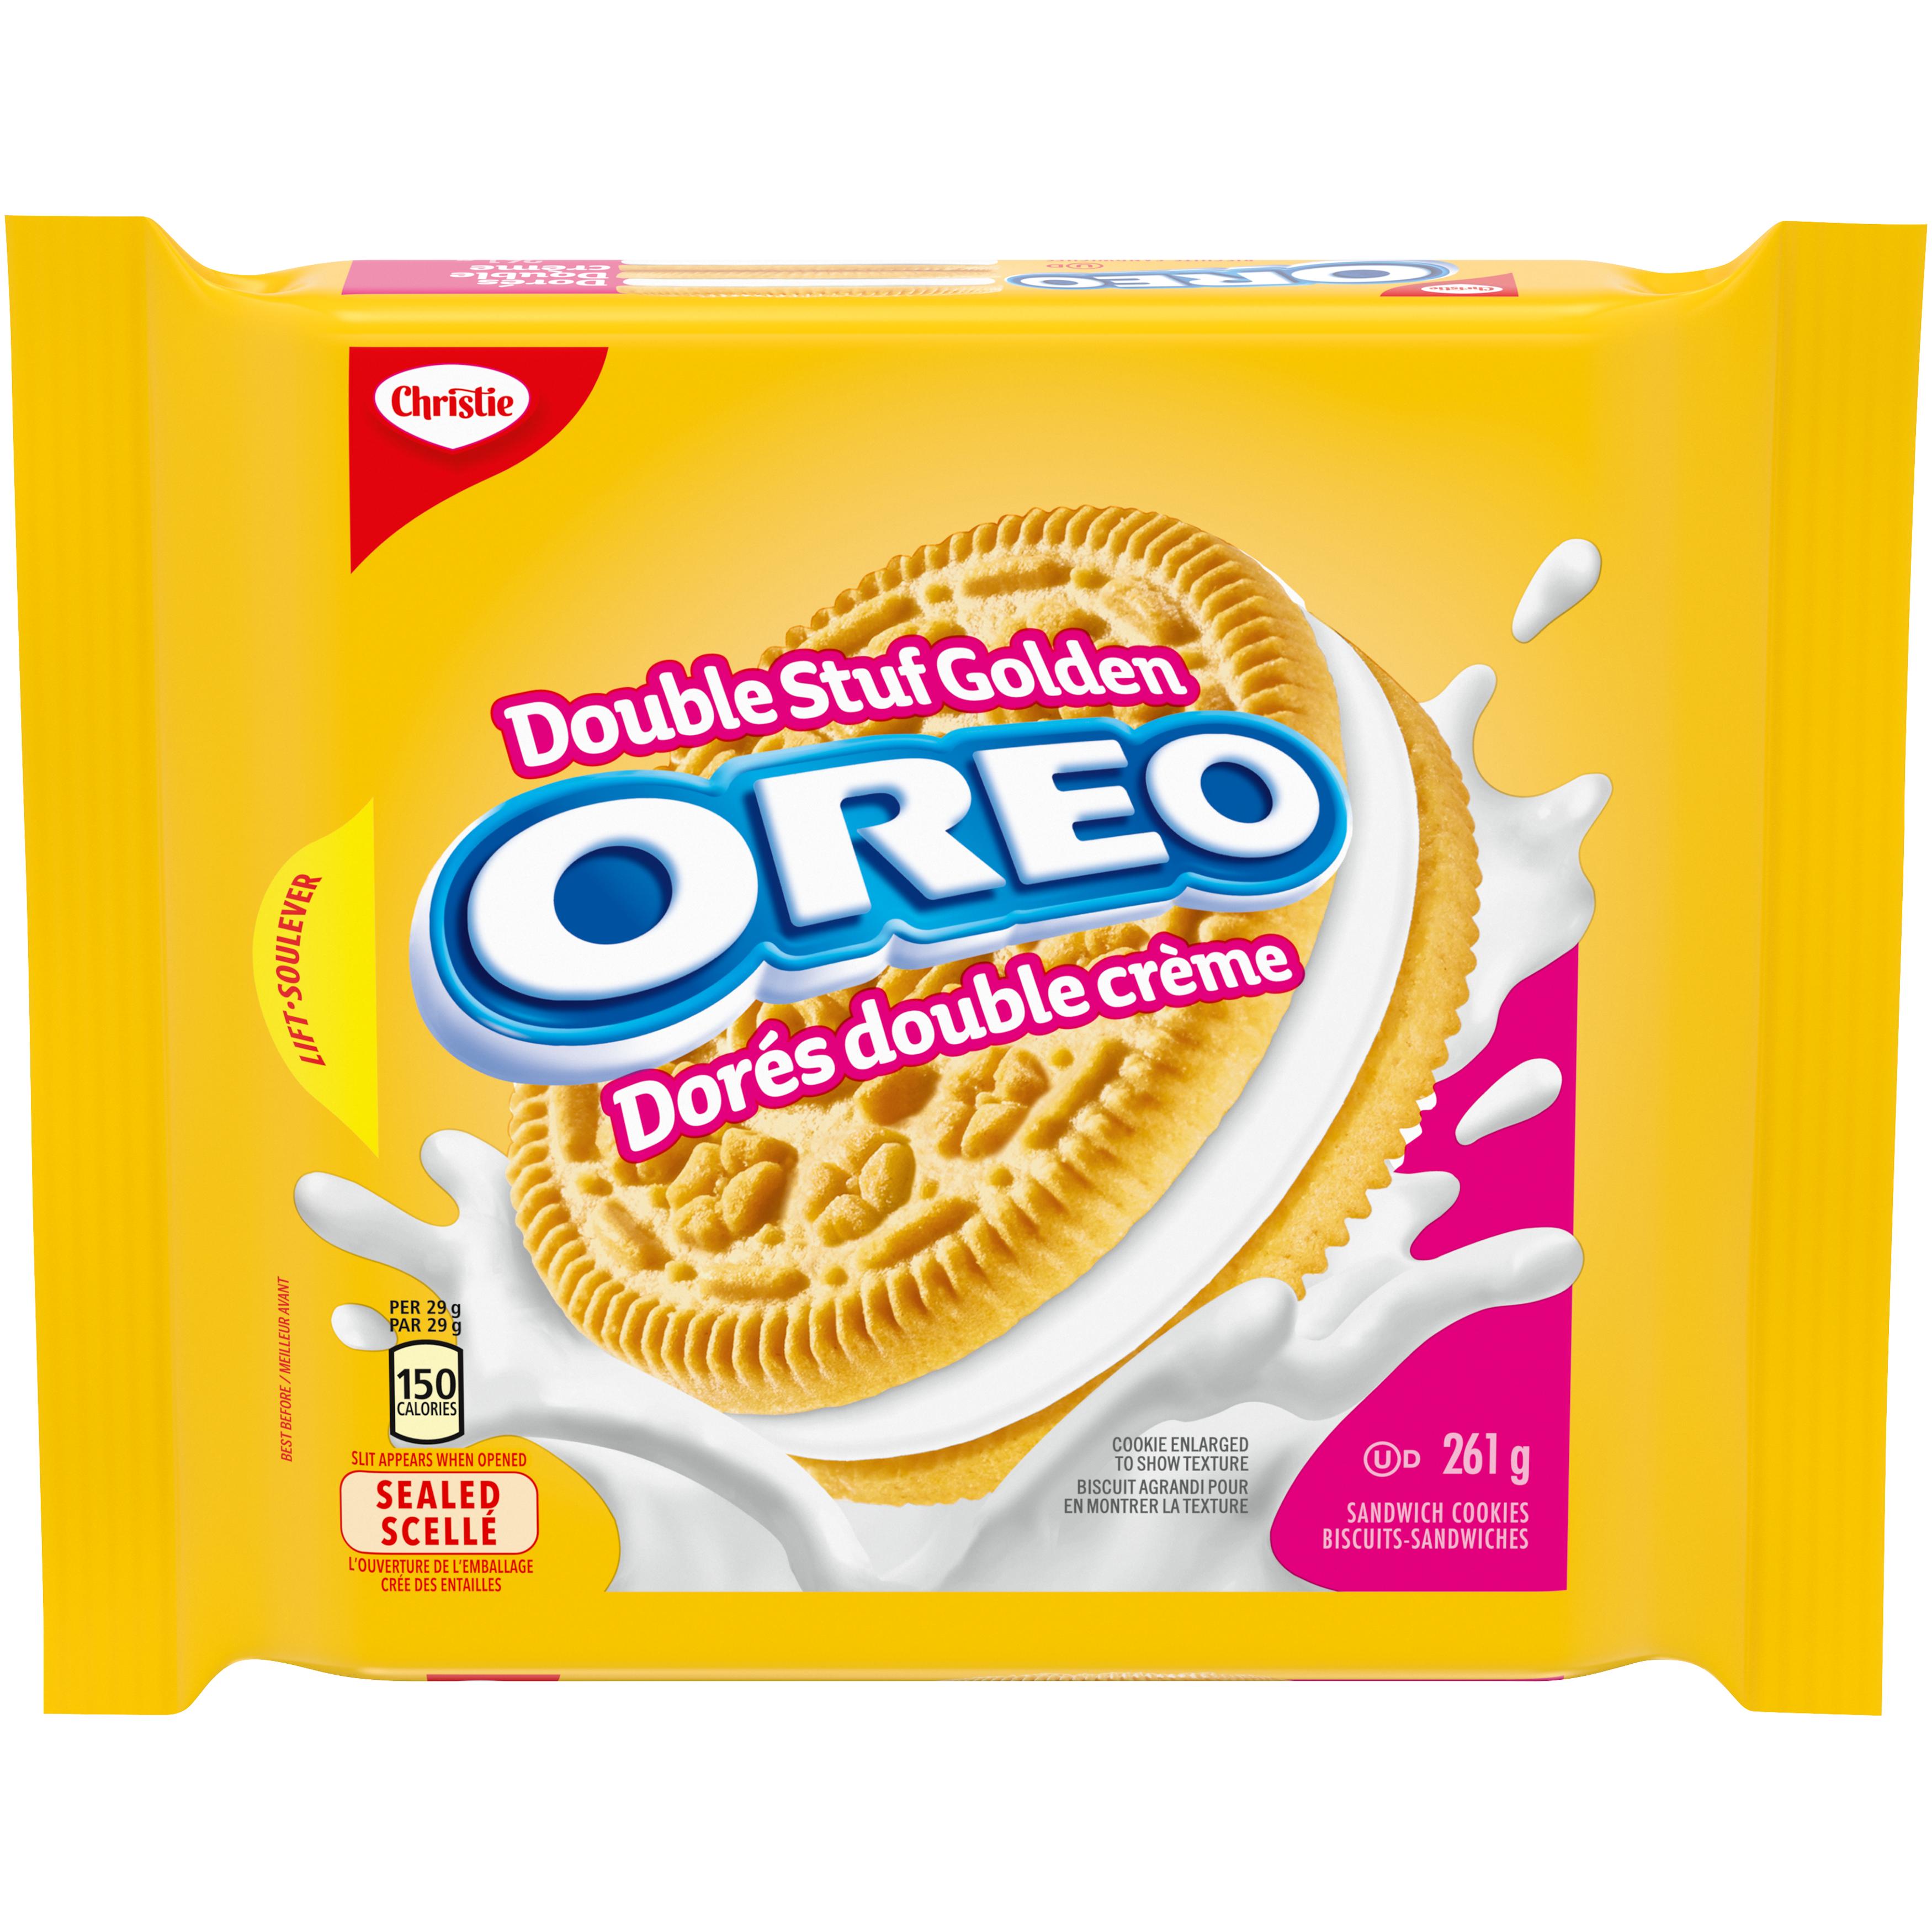 Oreo Double Crème Doré Biscuits 261 G